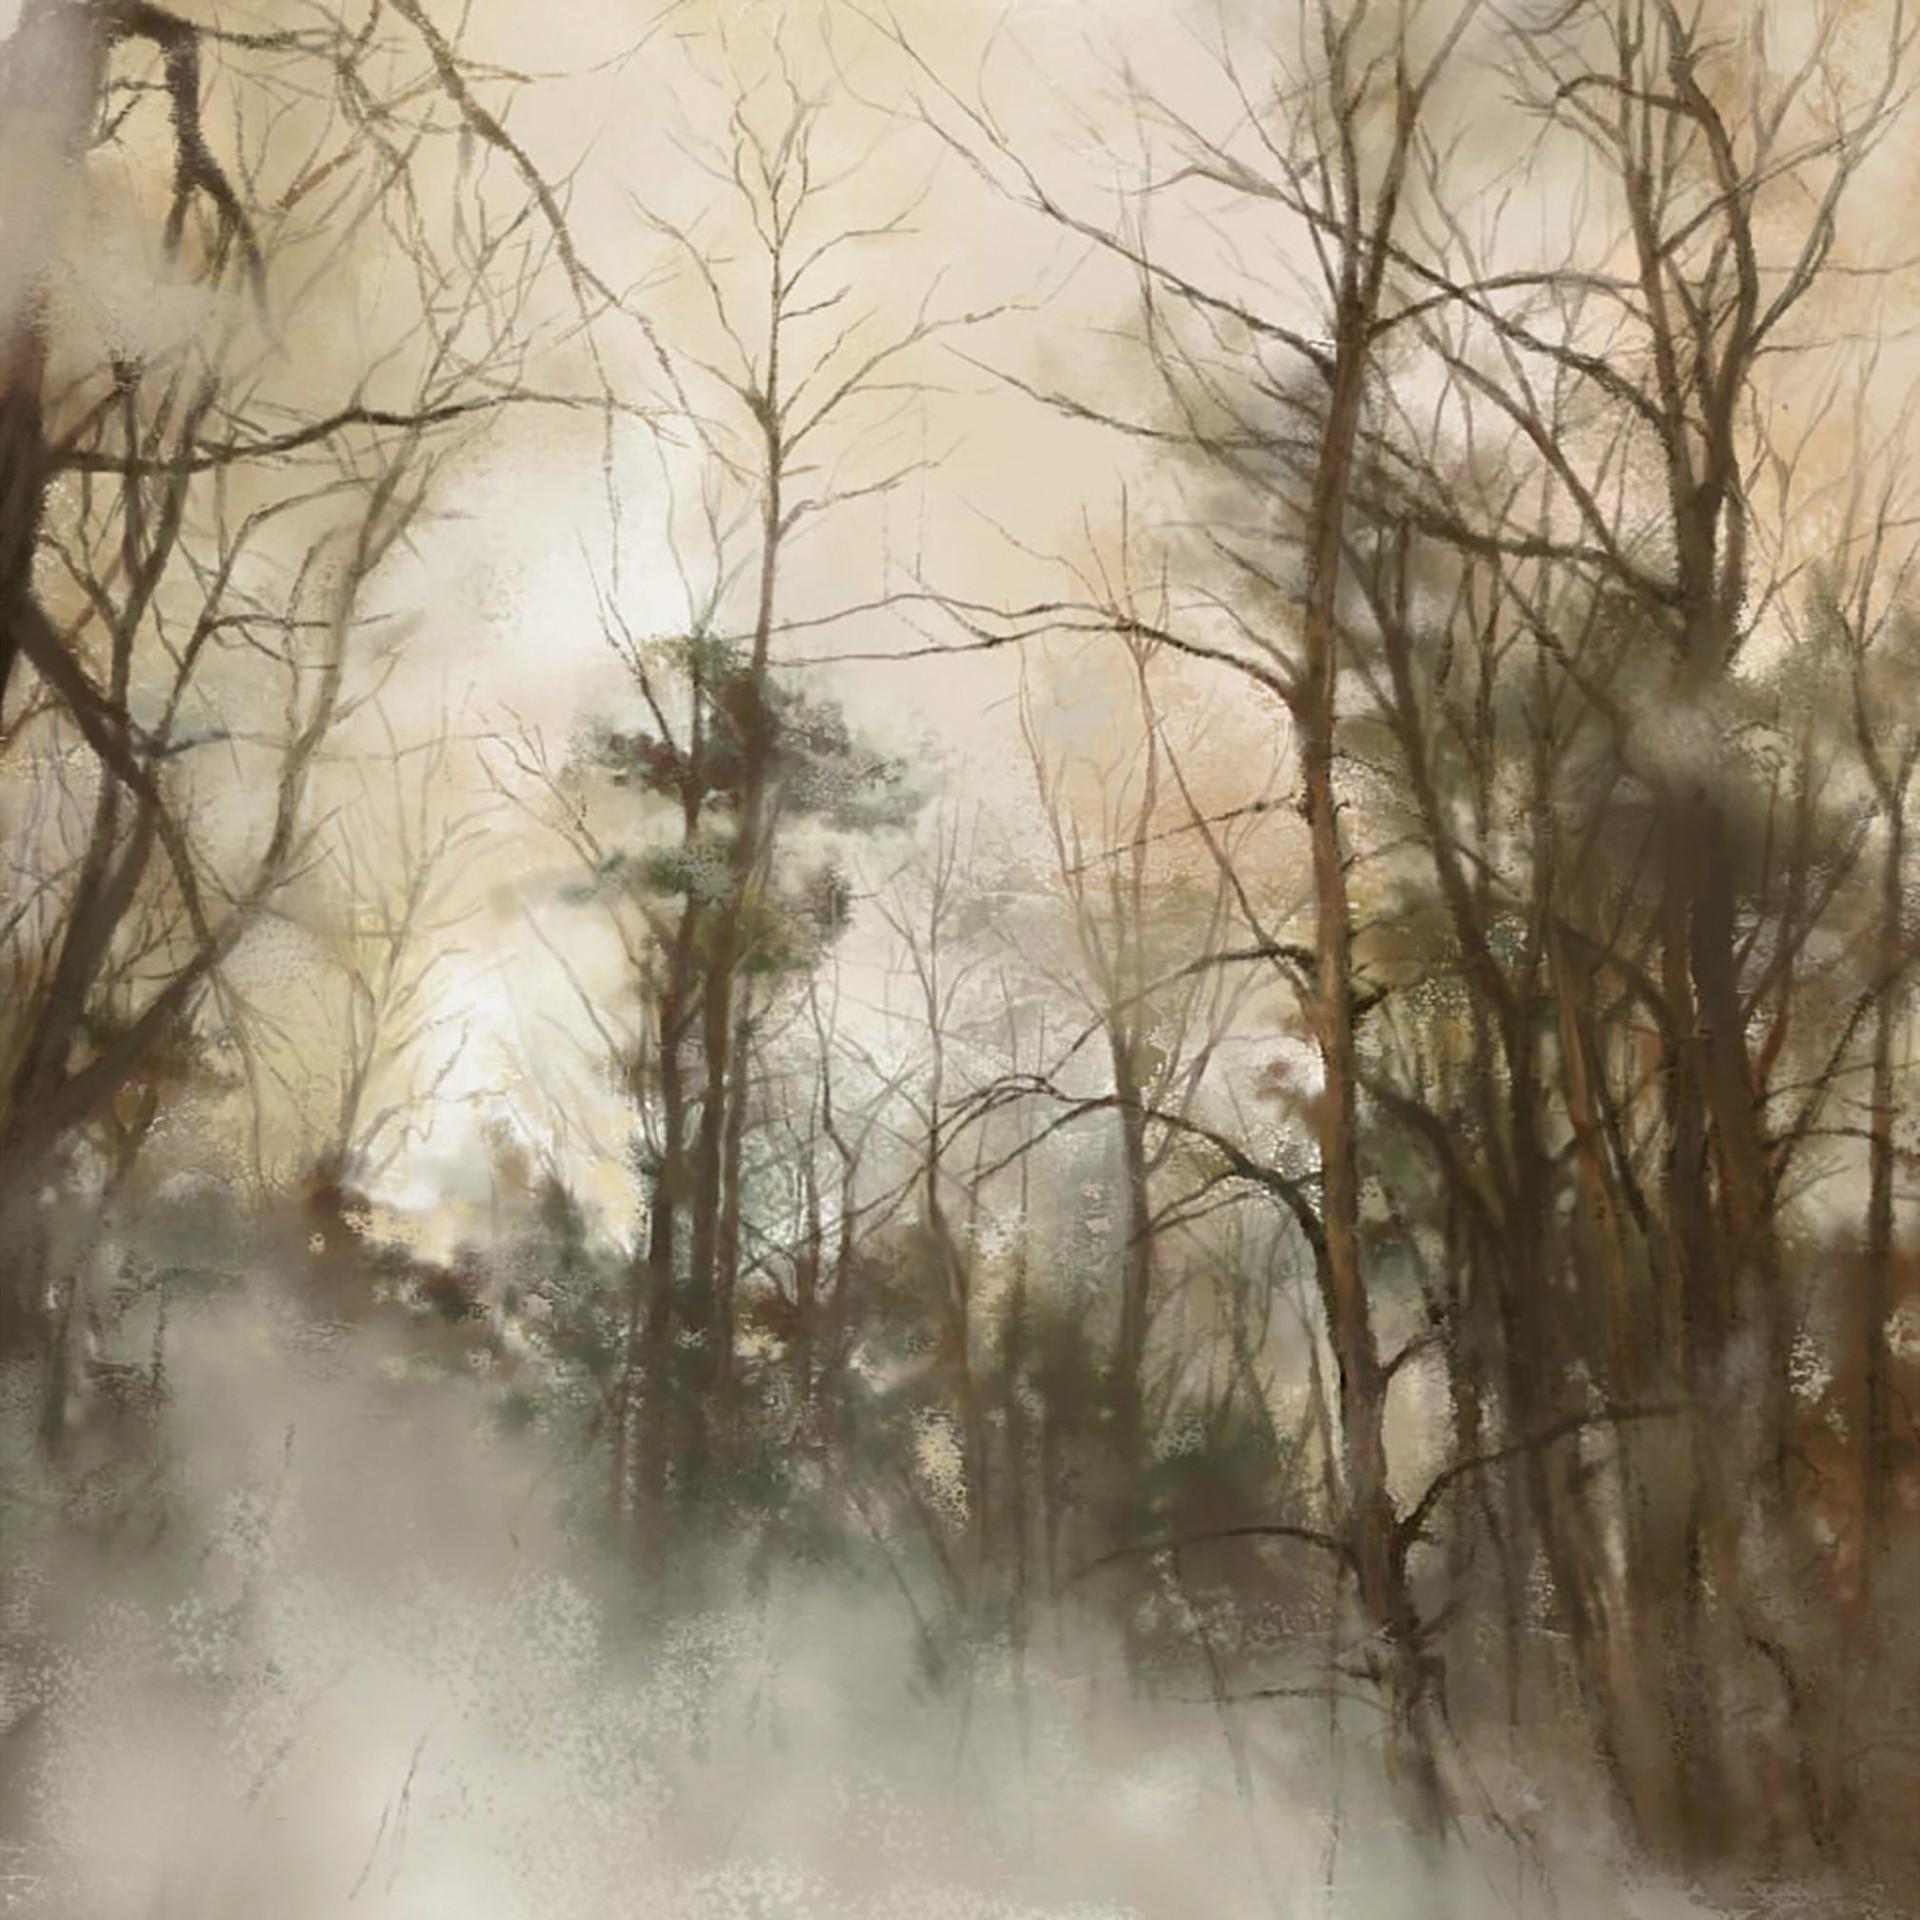 Natalia forest